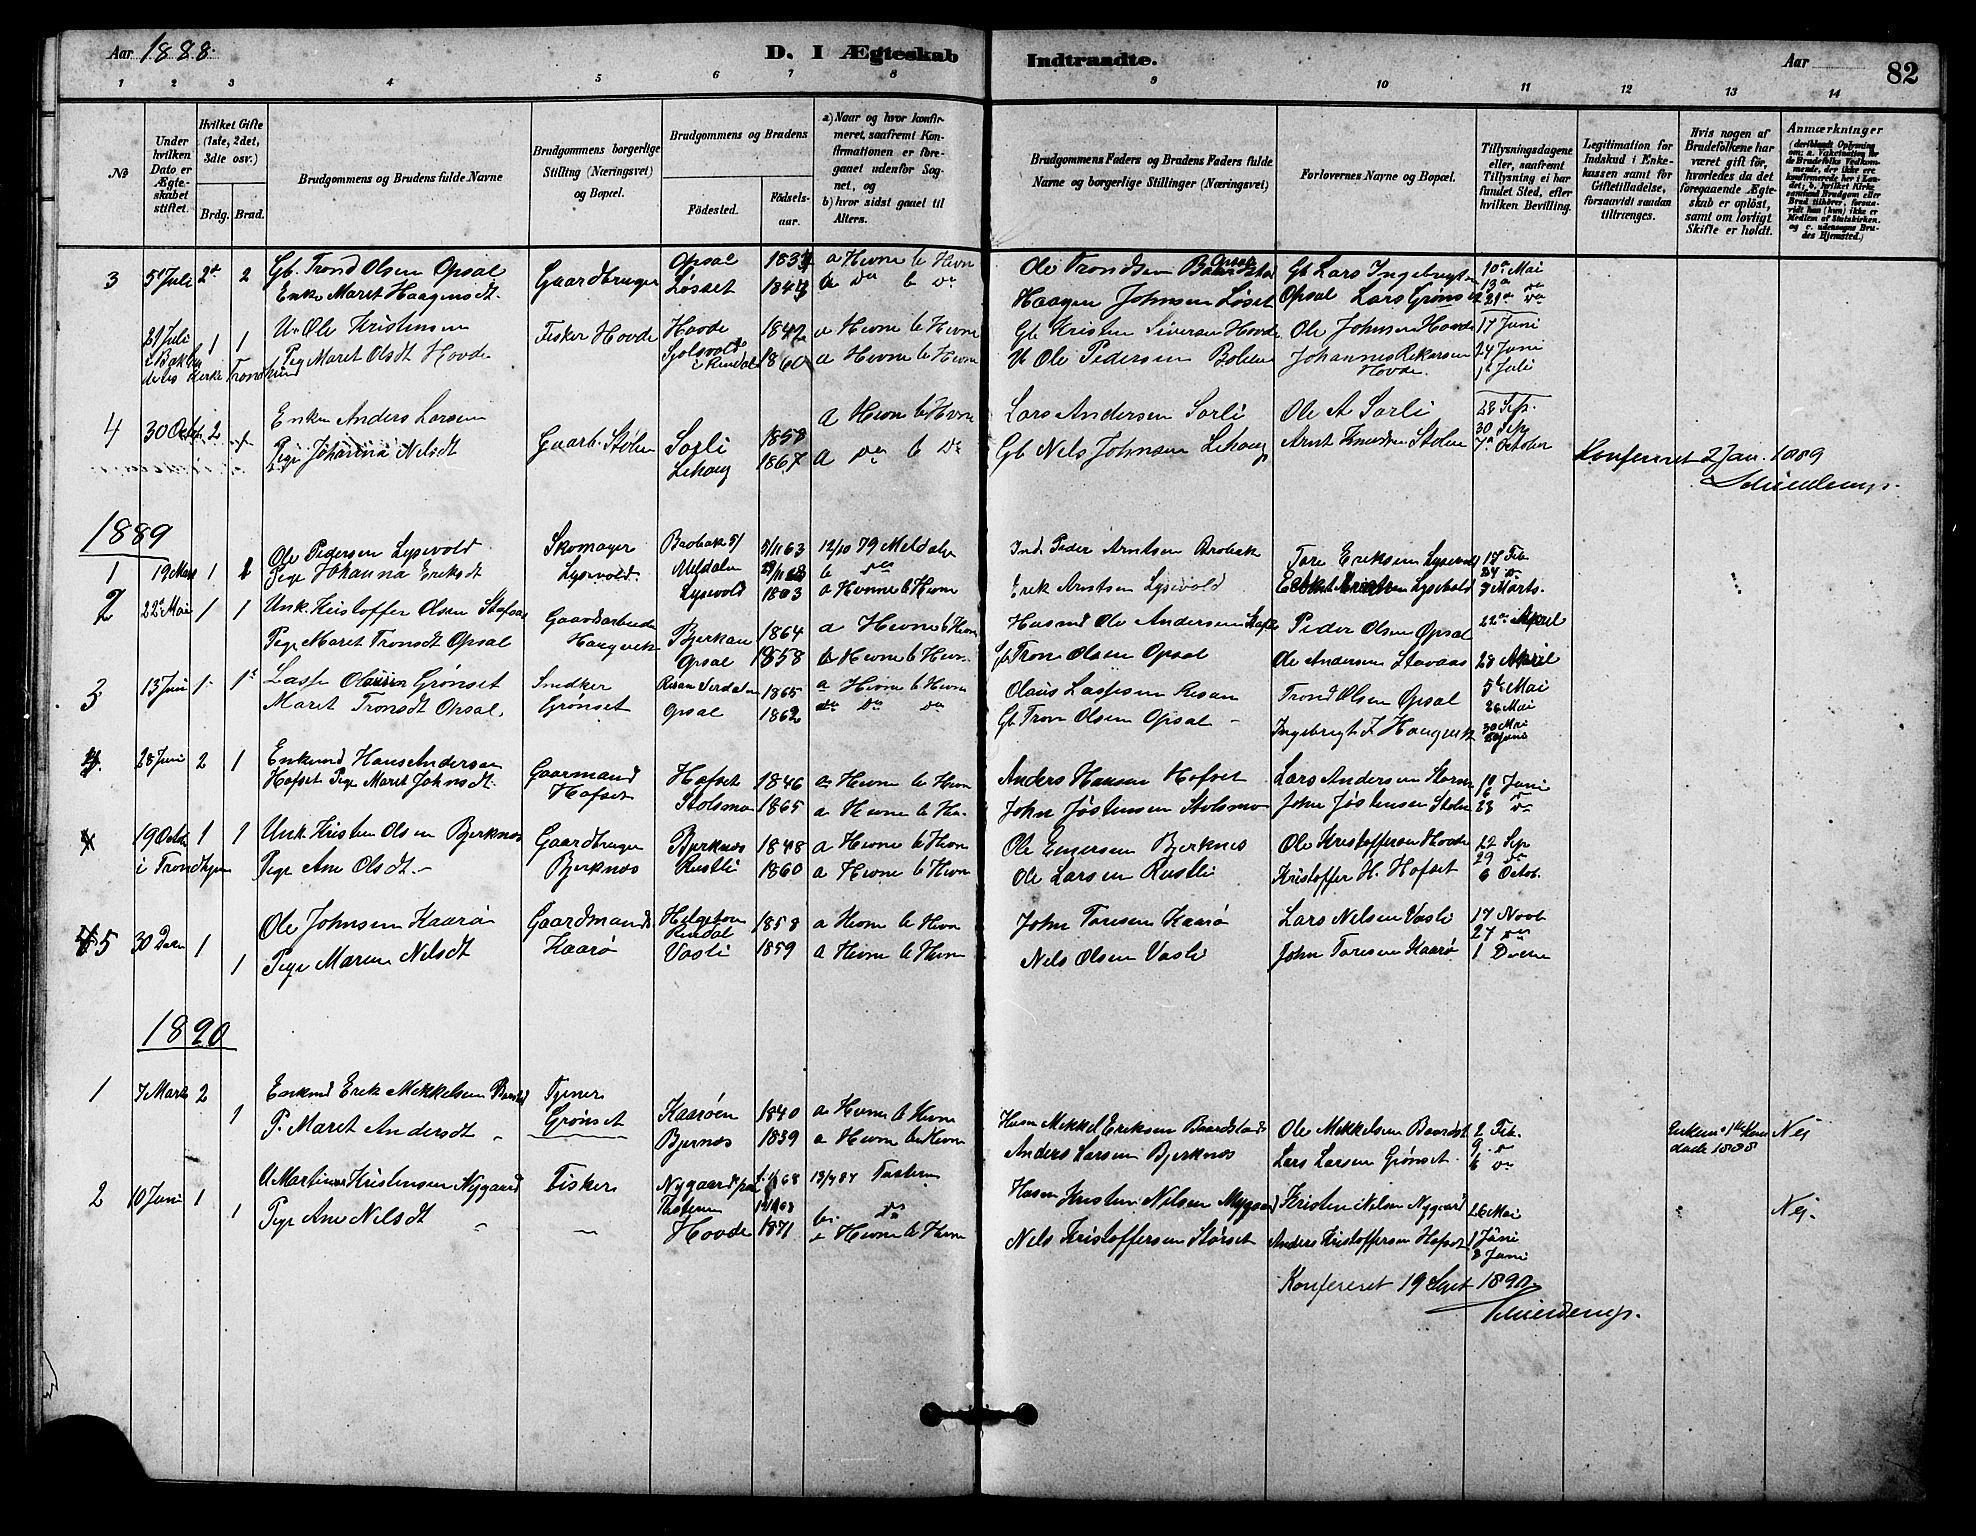 SAT, Ministerialprotokoller, klokkerbøker og fødselsregistre - Sør-Trøndelag, 631/L0514: Klokkerbok nr. 631C02, 1879-1912, s. 82